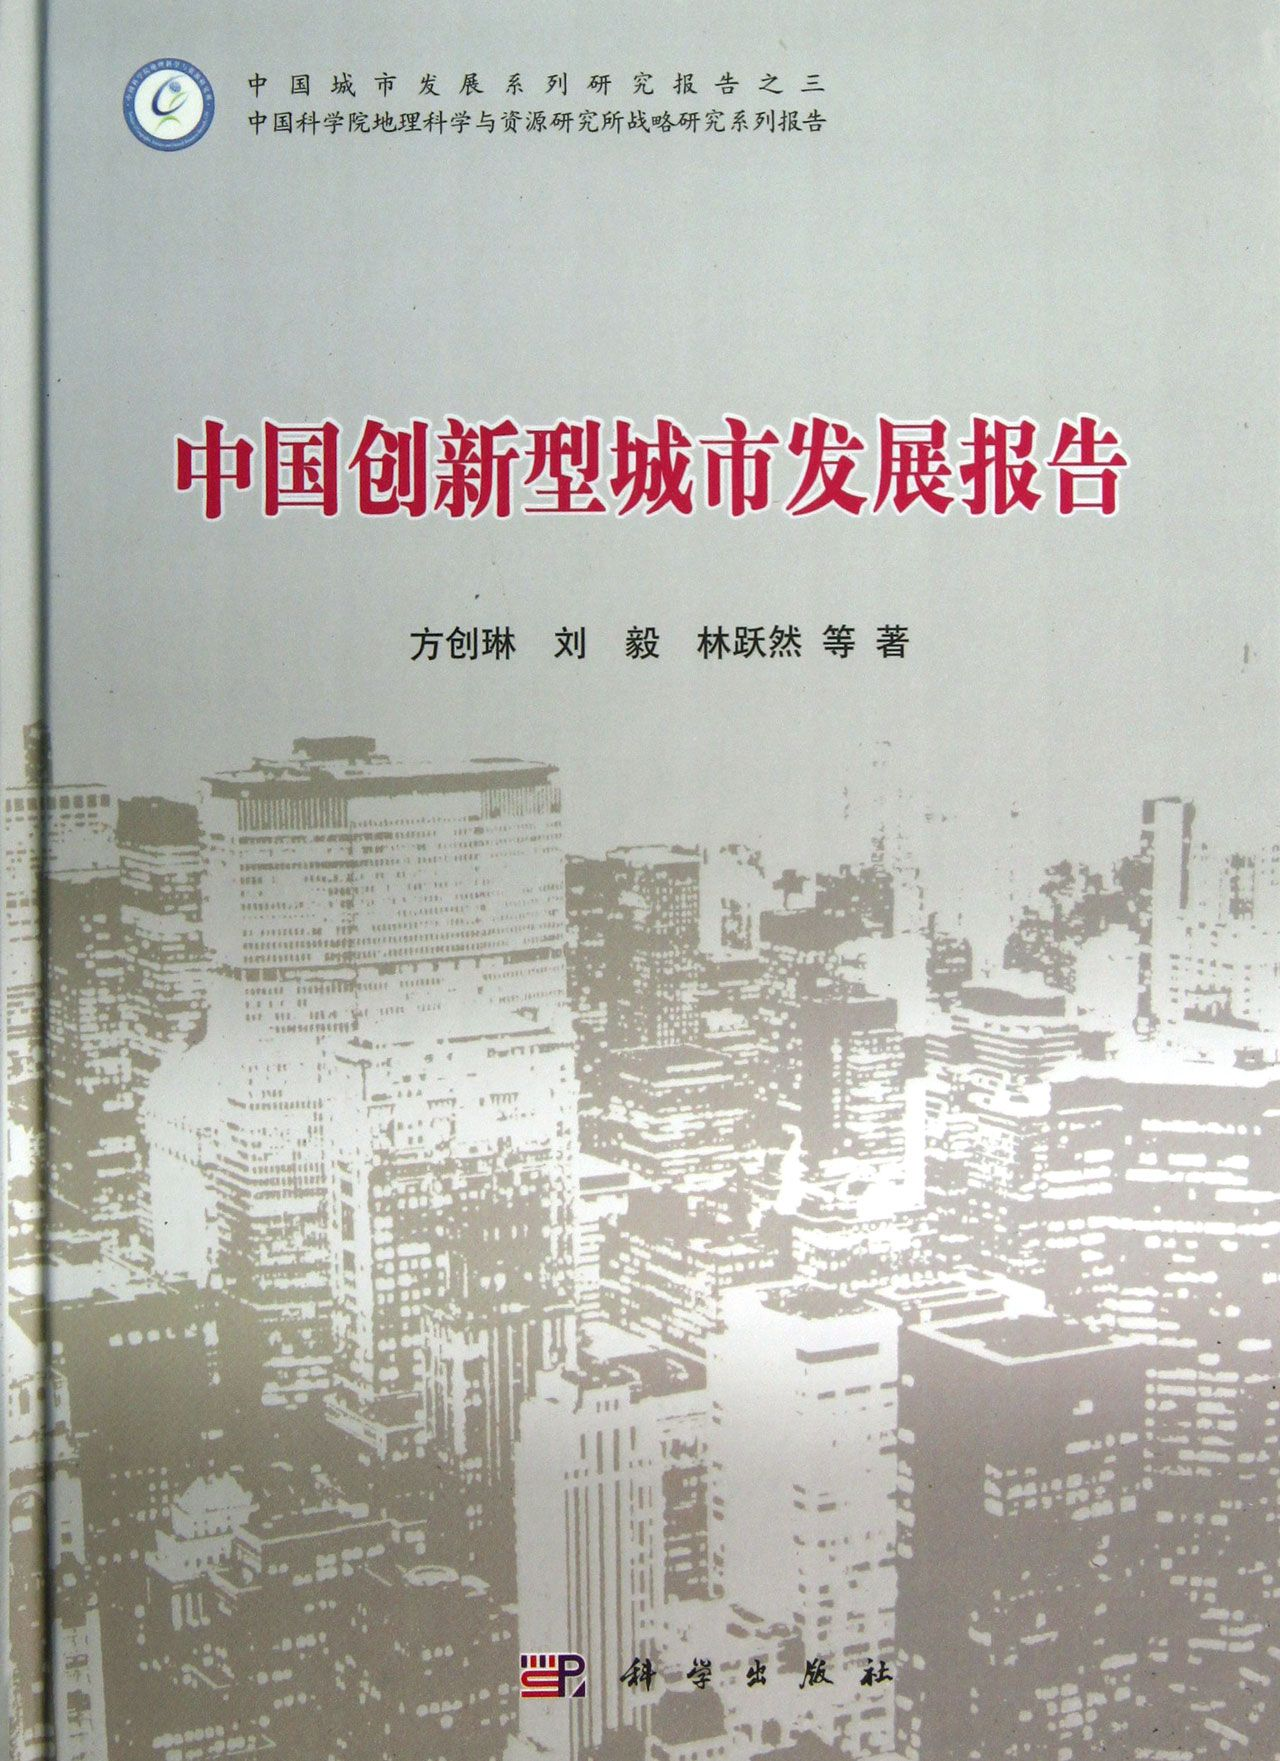 中國創新型城市發展報